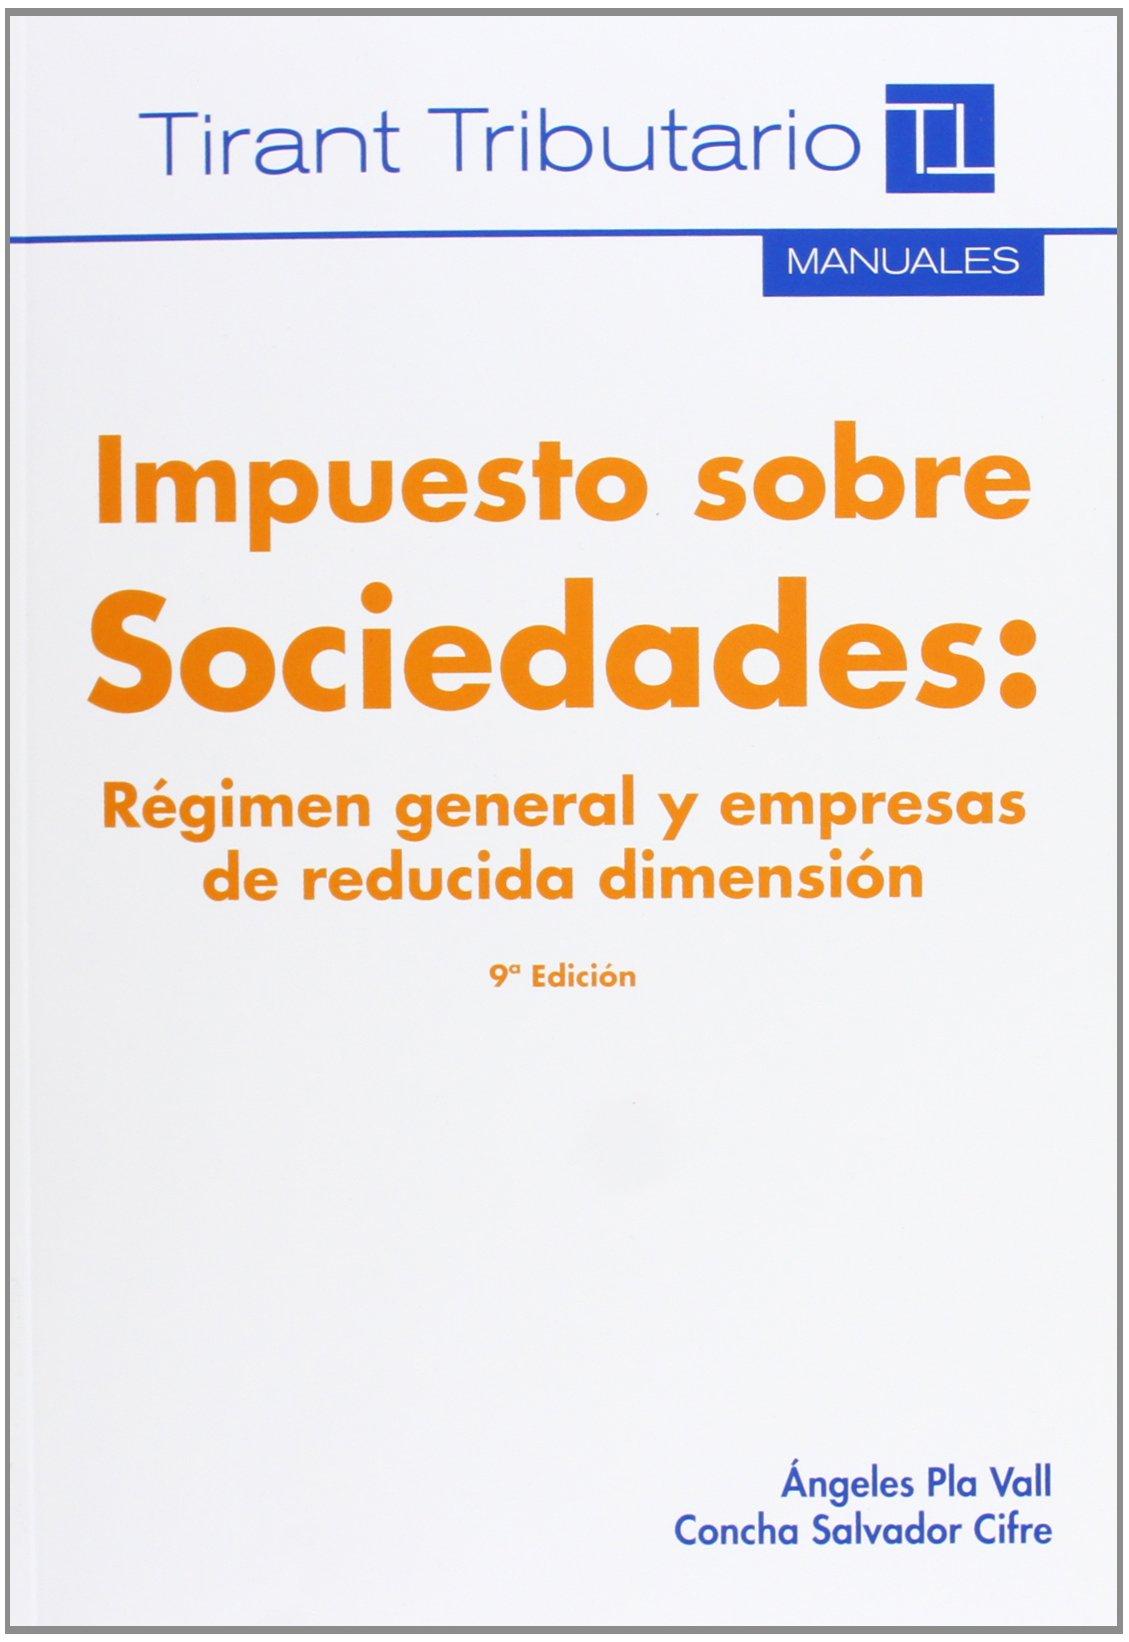 Impuesto sobre Sociedades : Régimen general y empresas de reducida dimensión 9ª Ed. 2013 Manuales. Tirant Tributario: Amazon.es: Concha Salvador Cifre: ...